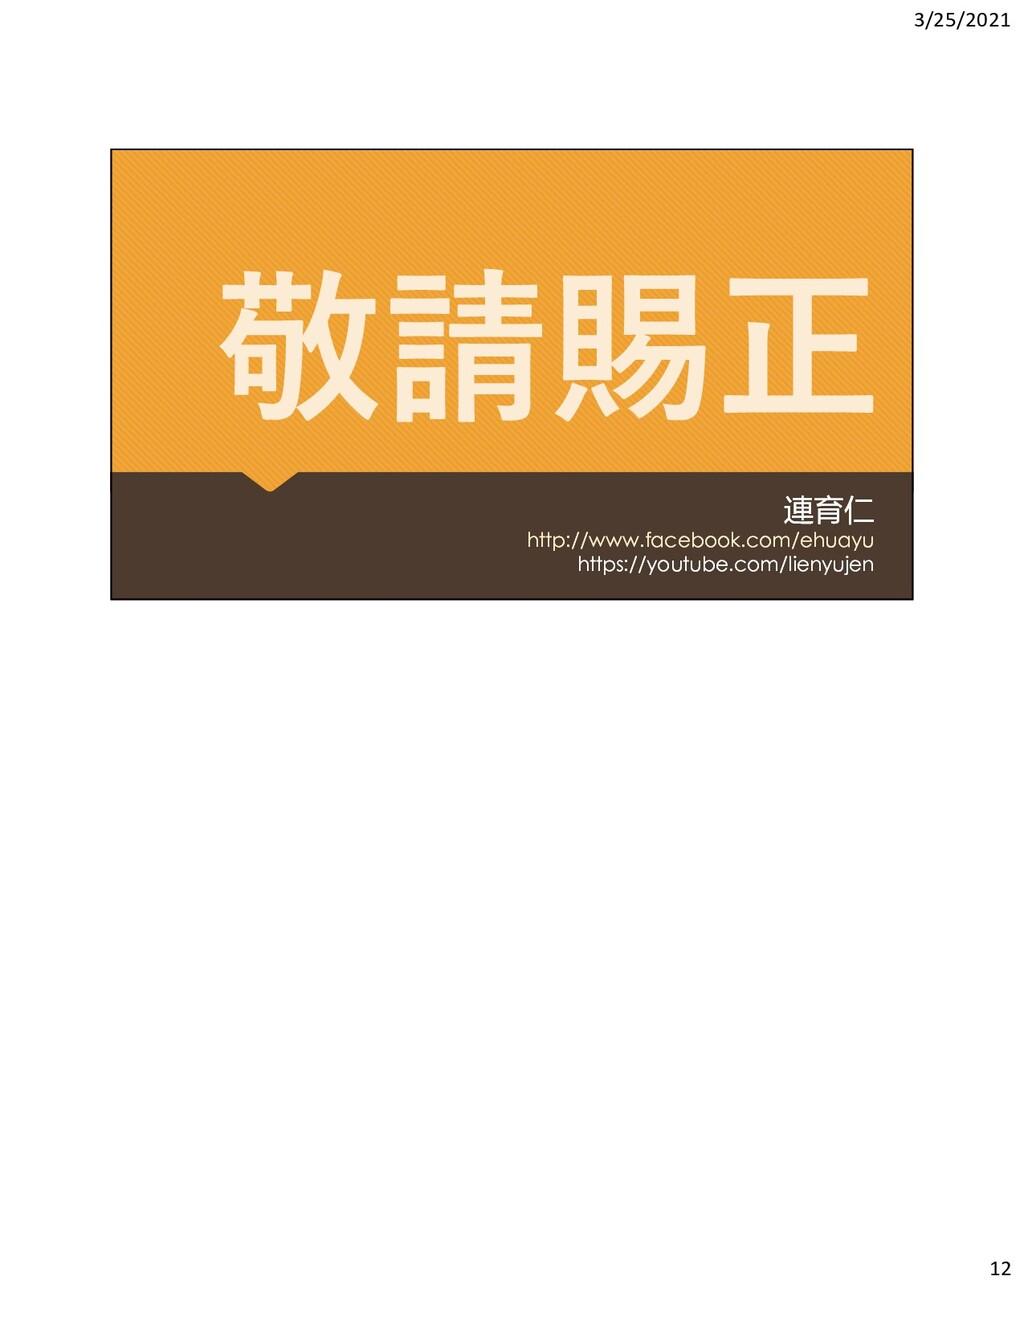 3/25/2021 12 連育仁 http://www.facebook.com/ehuayu...